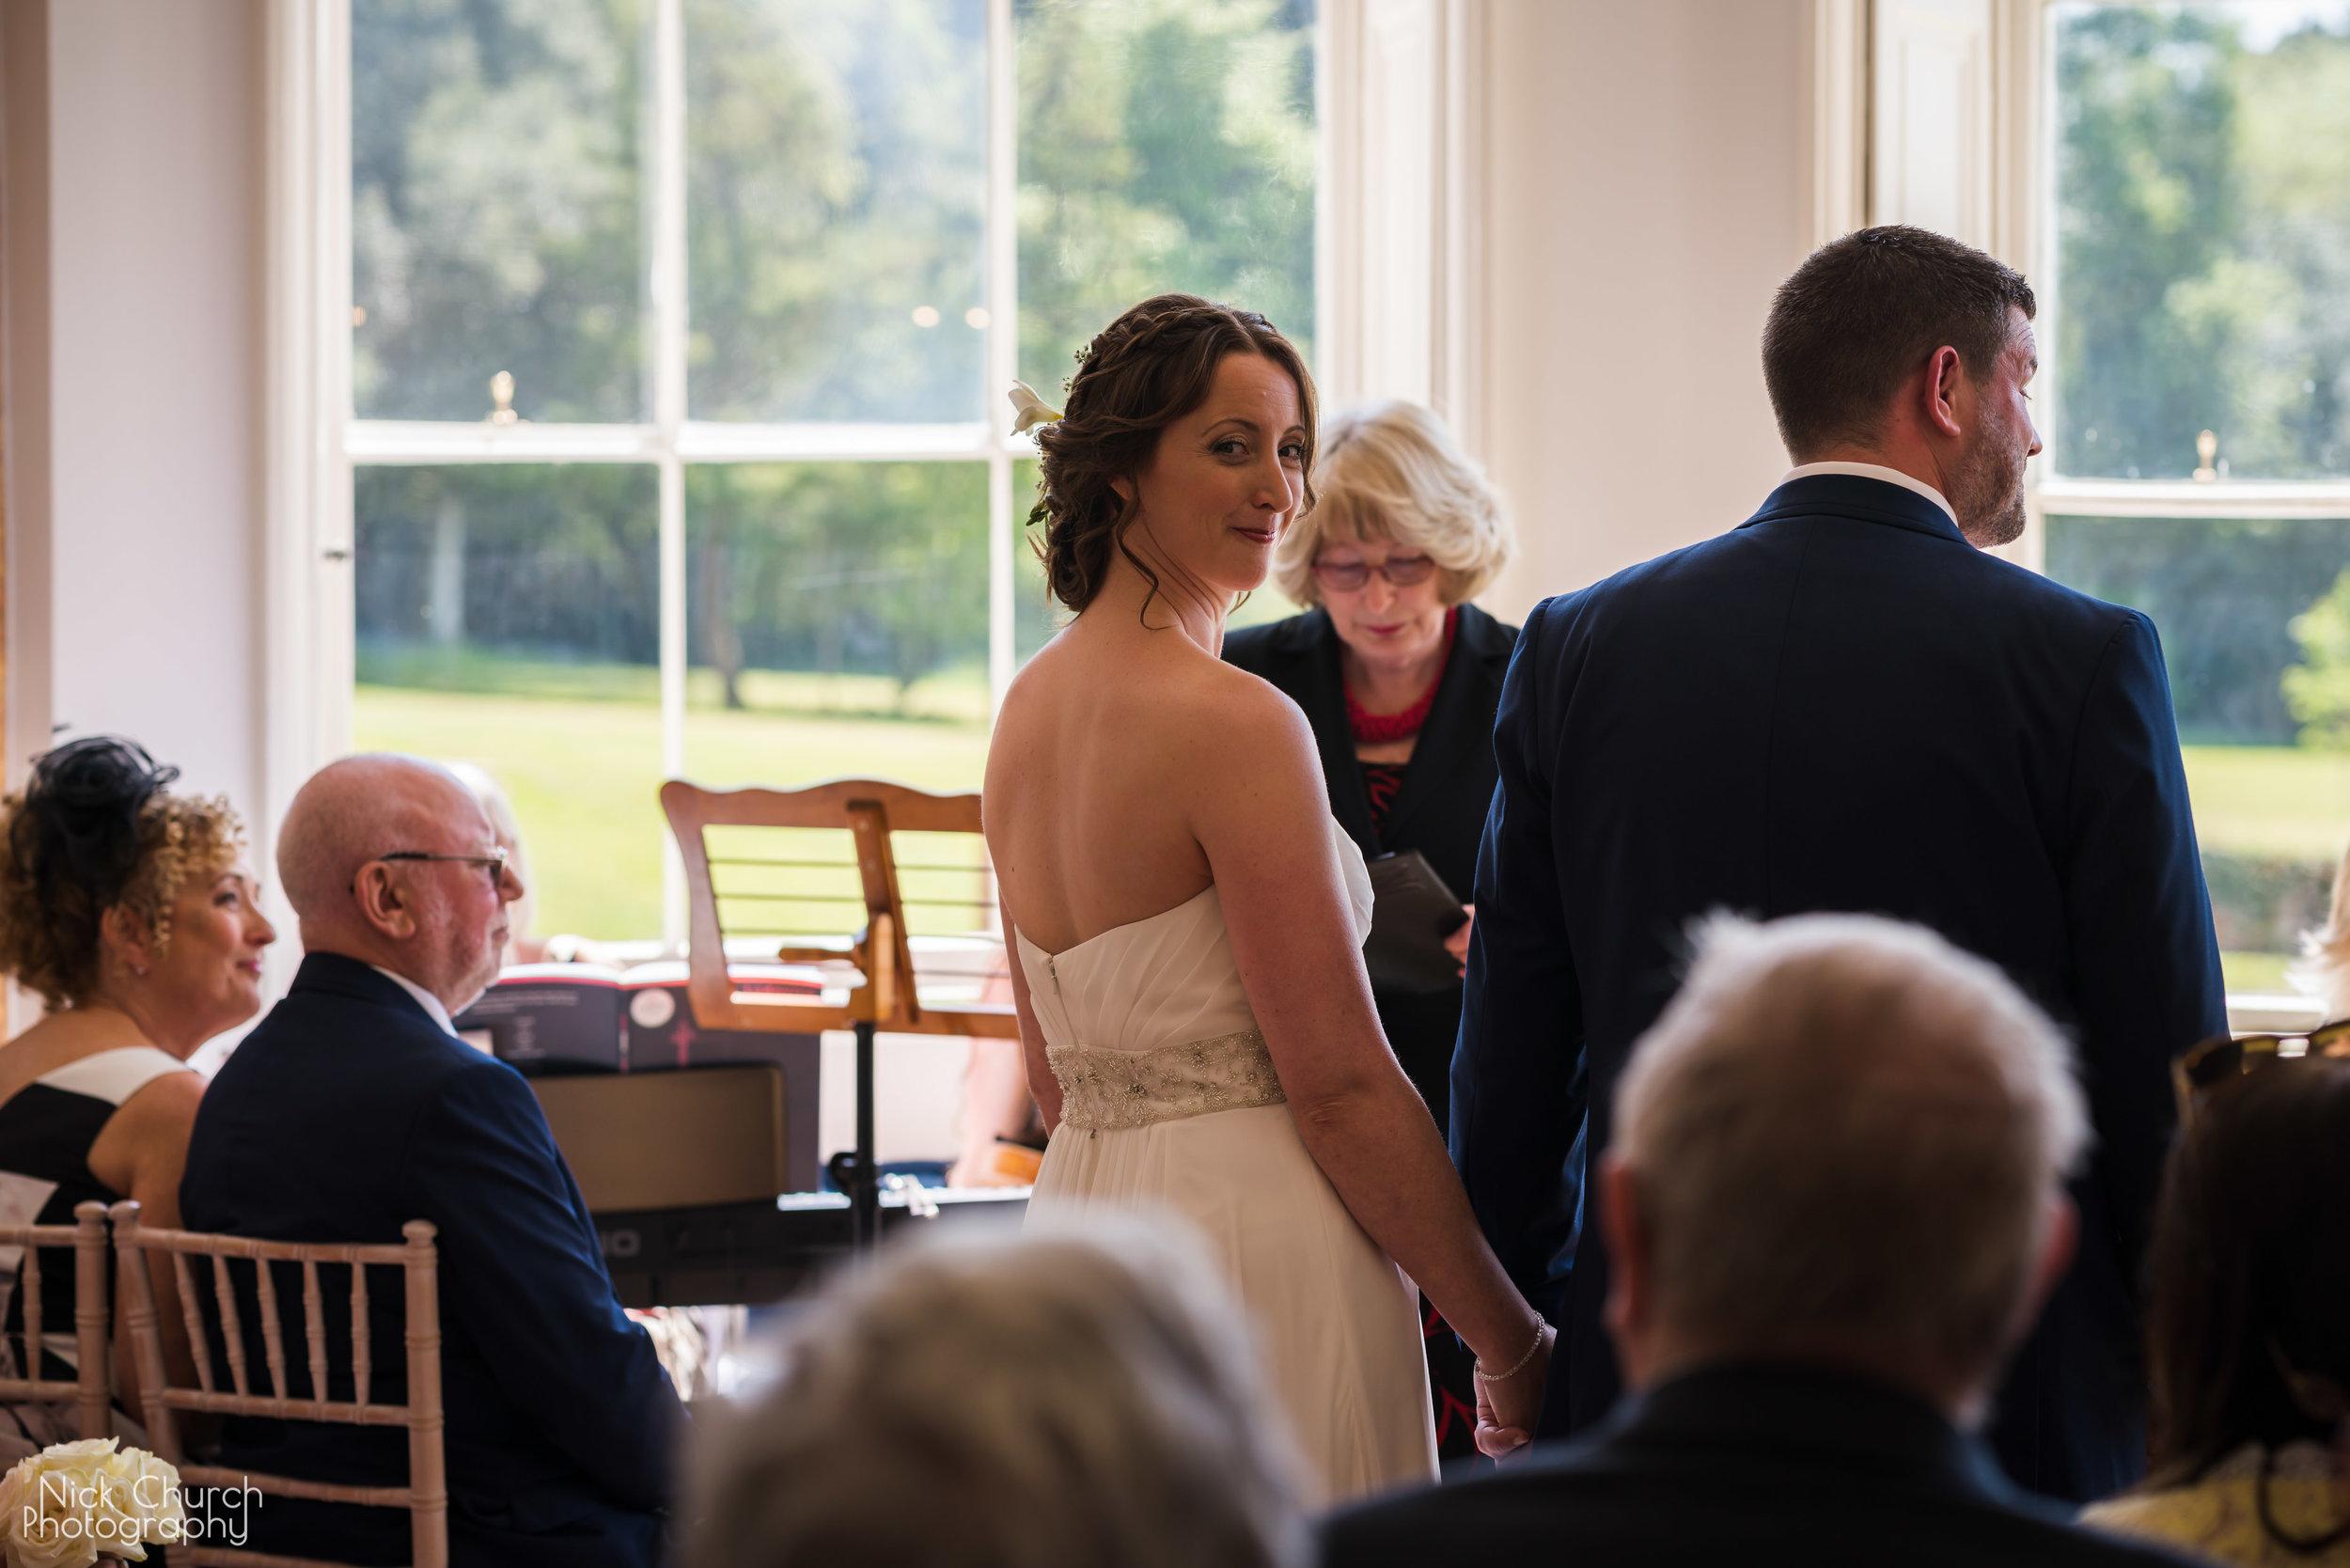 NC-2018-05-07-joanna-and-steve-wedding-0353.jpg